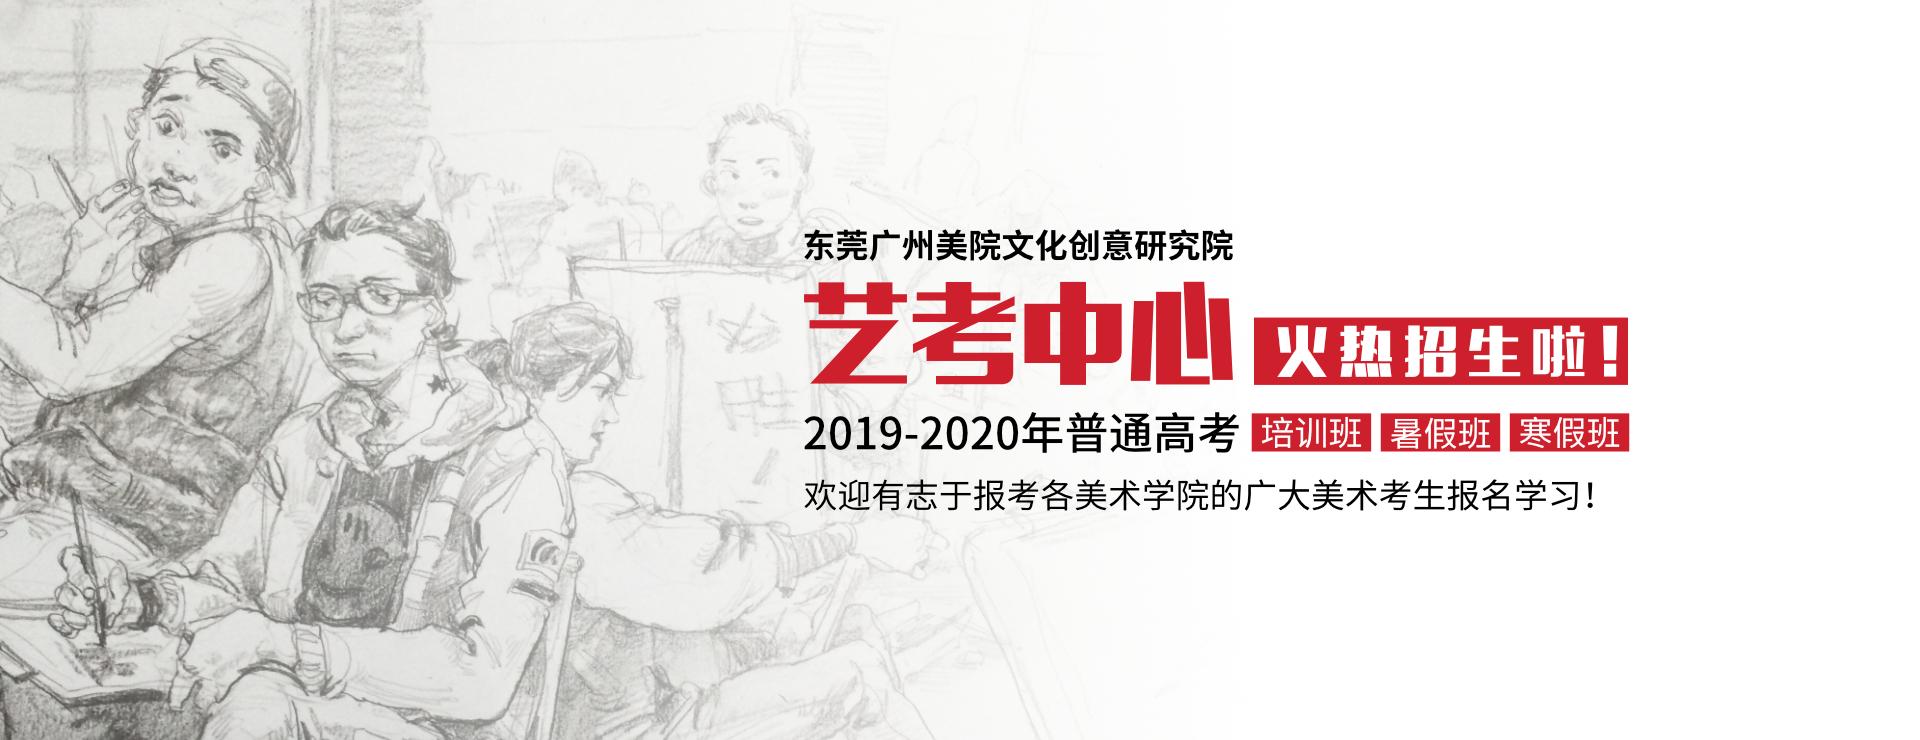 艺考中心招生简章